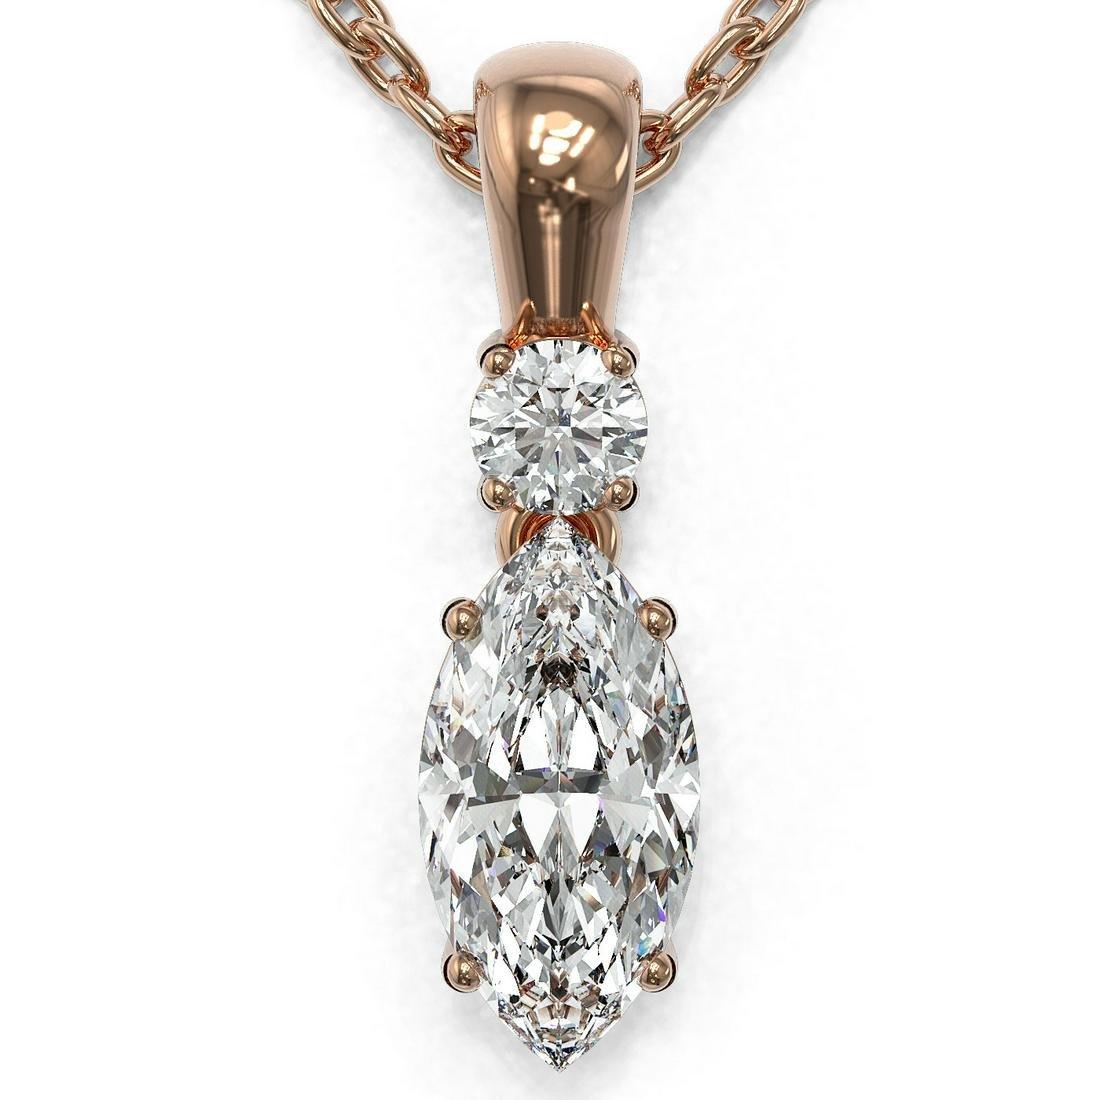 0.6 ctw Marquise Cut Diamond Designer Necklace 18K Rose